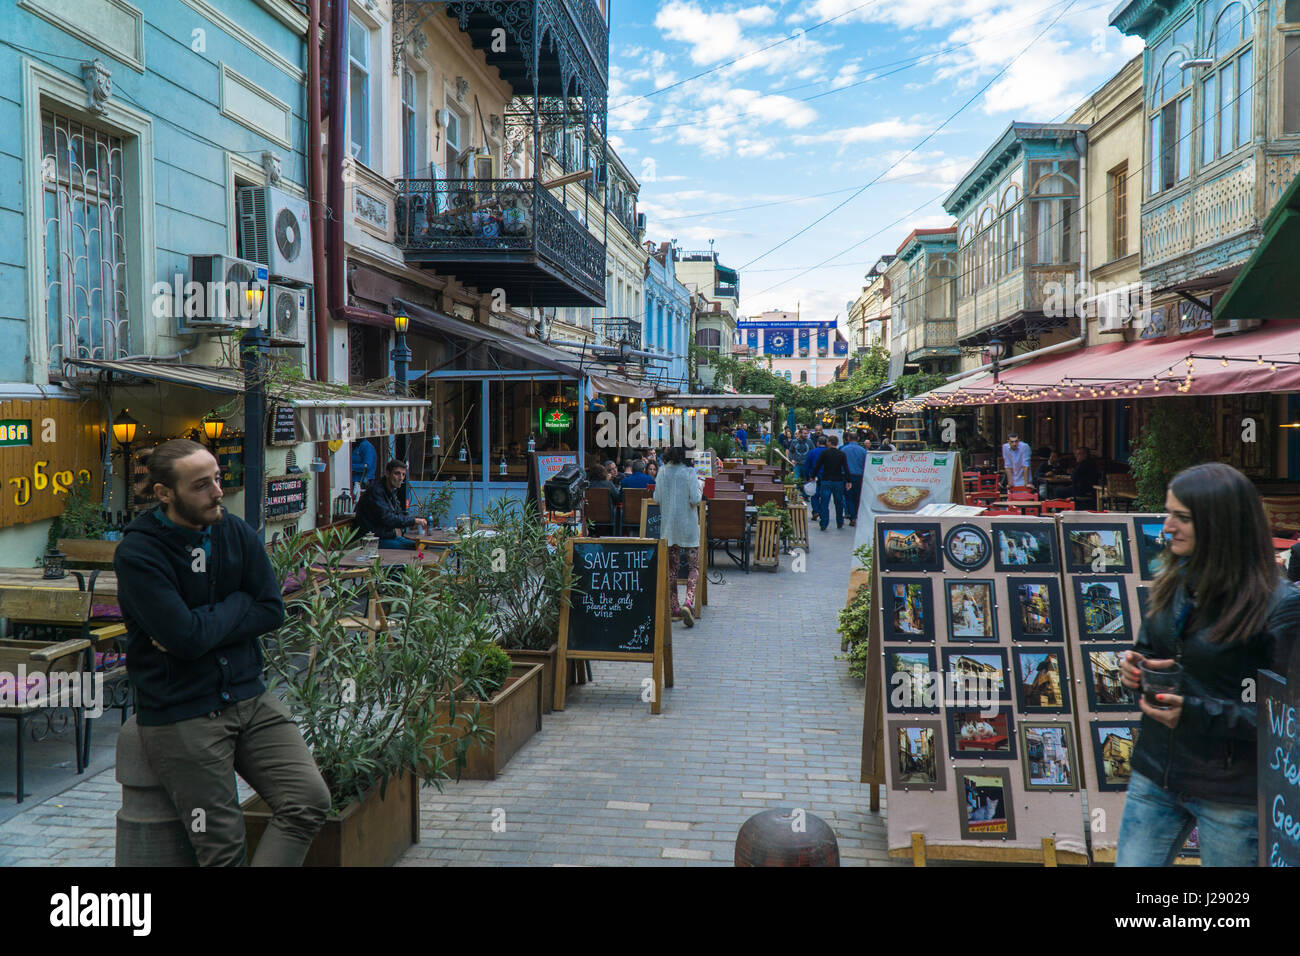 Auto Festival 2014 Georgia Tbilisi: Tbilisi Georgia People Stock Photos & Tbilisi Georgia